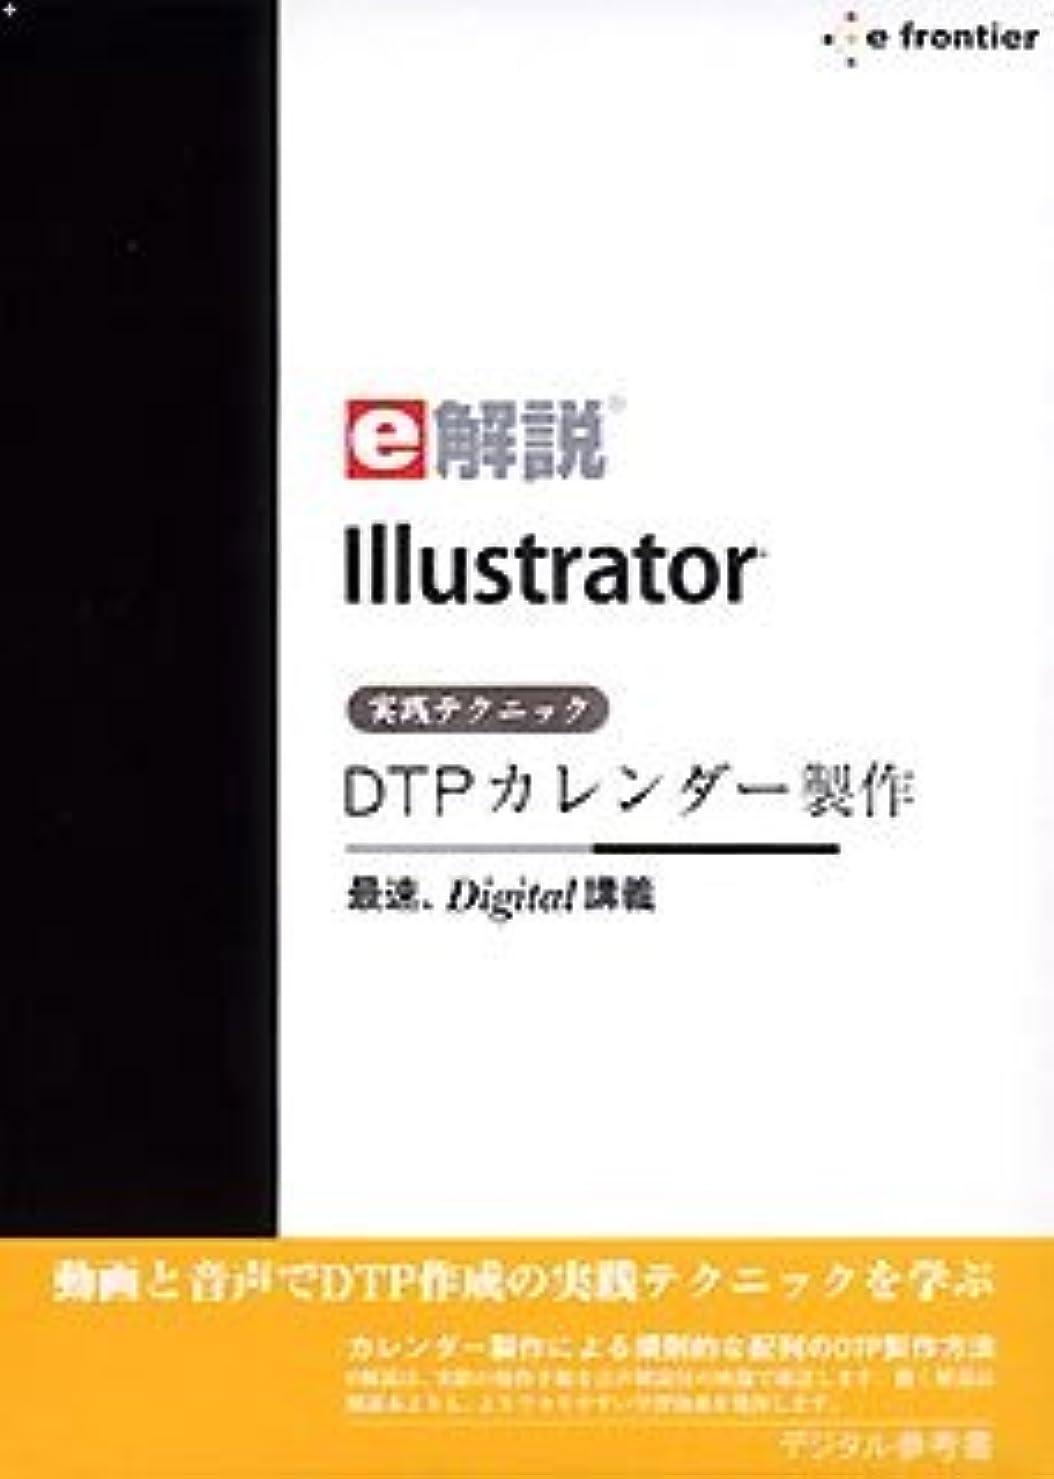 ステープルクレタダイエットe解説 Illustrator 実践テクニック DTPカレンダー製作